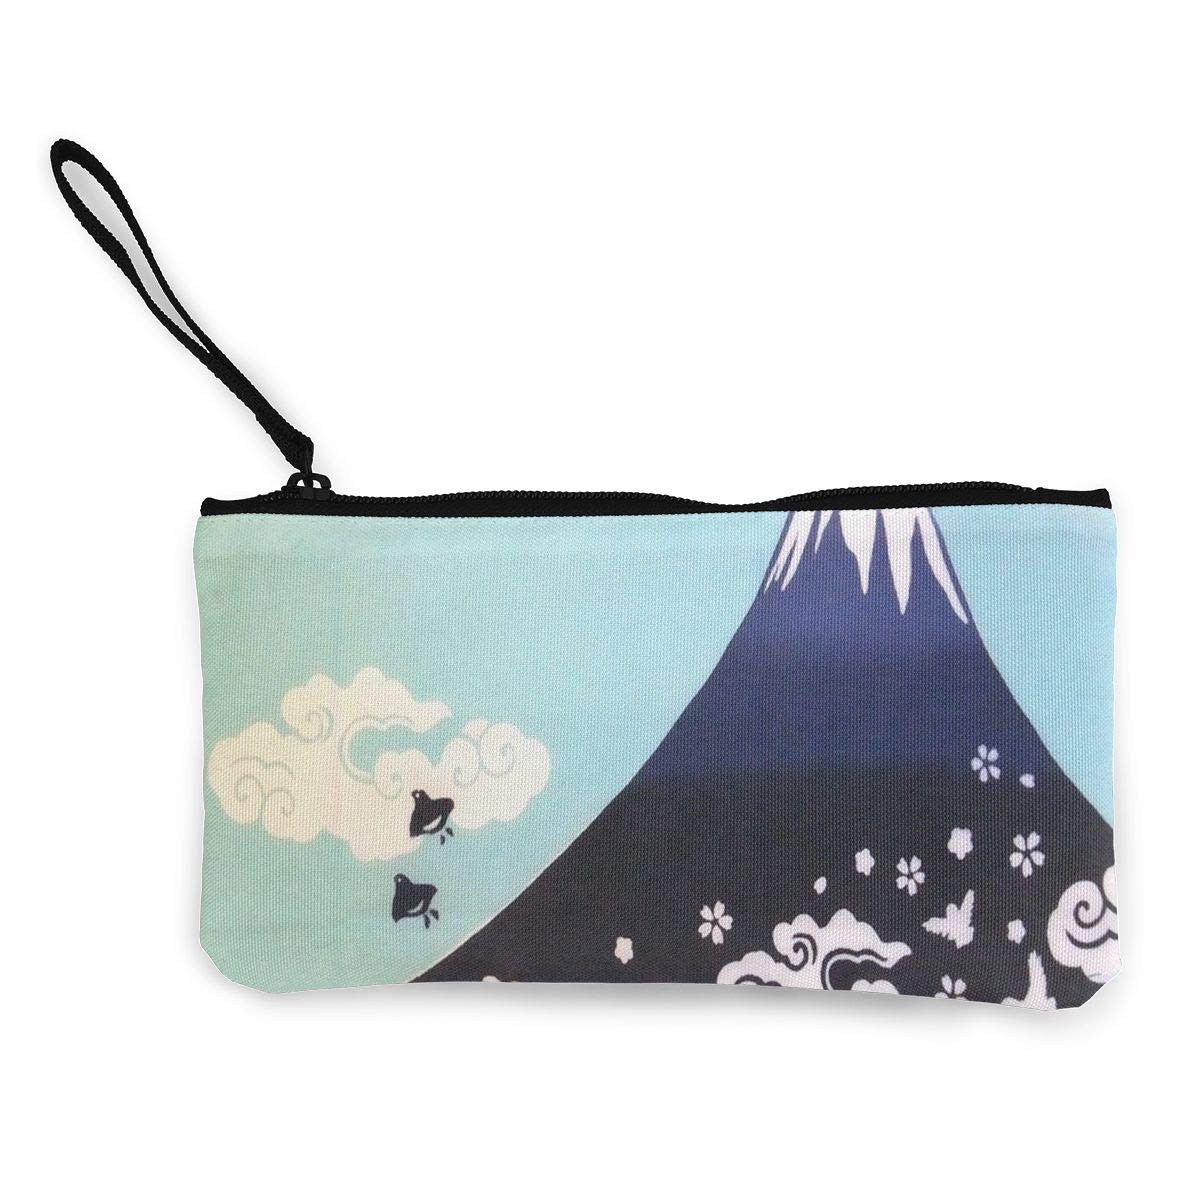 小銭入れ 日本 モダン パターン メンズ ジップ キャンバス 財布 旅行 素敵なケース 4.5